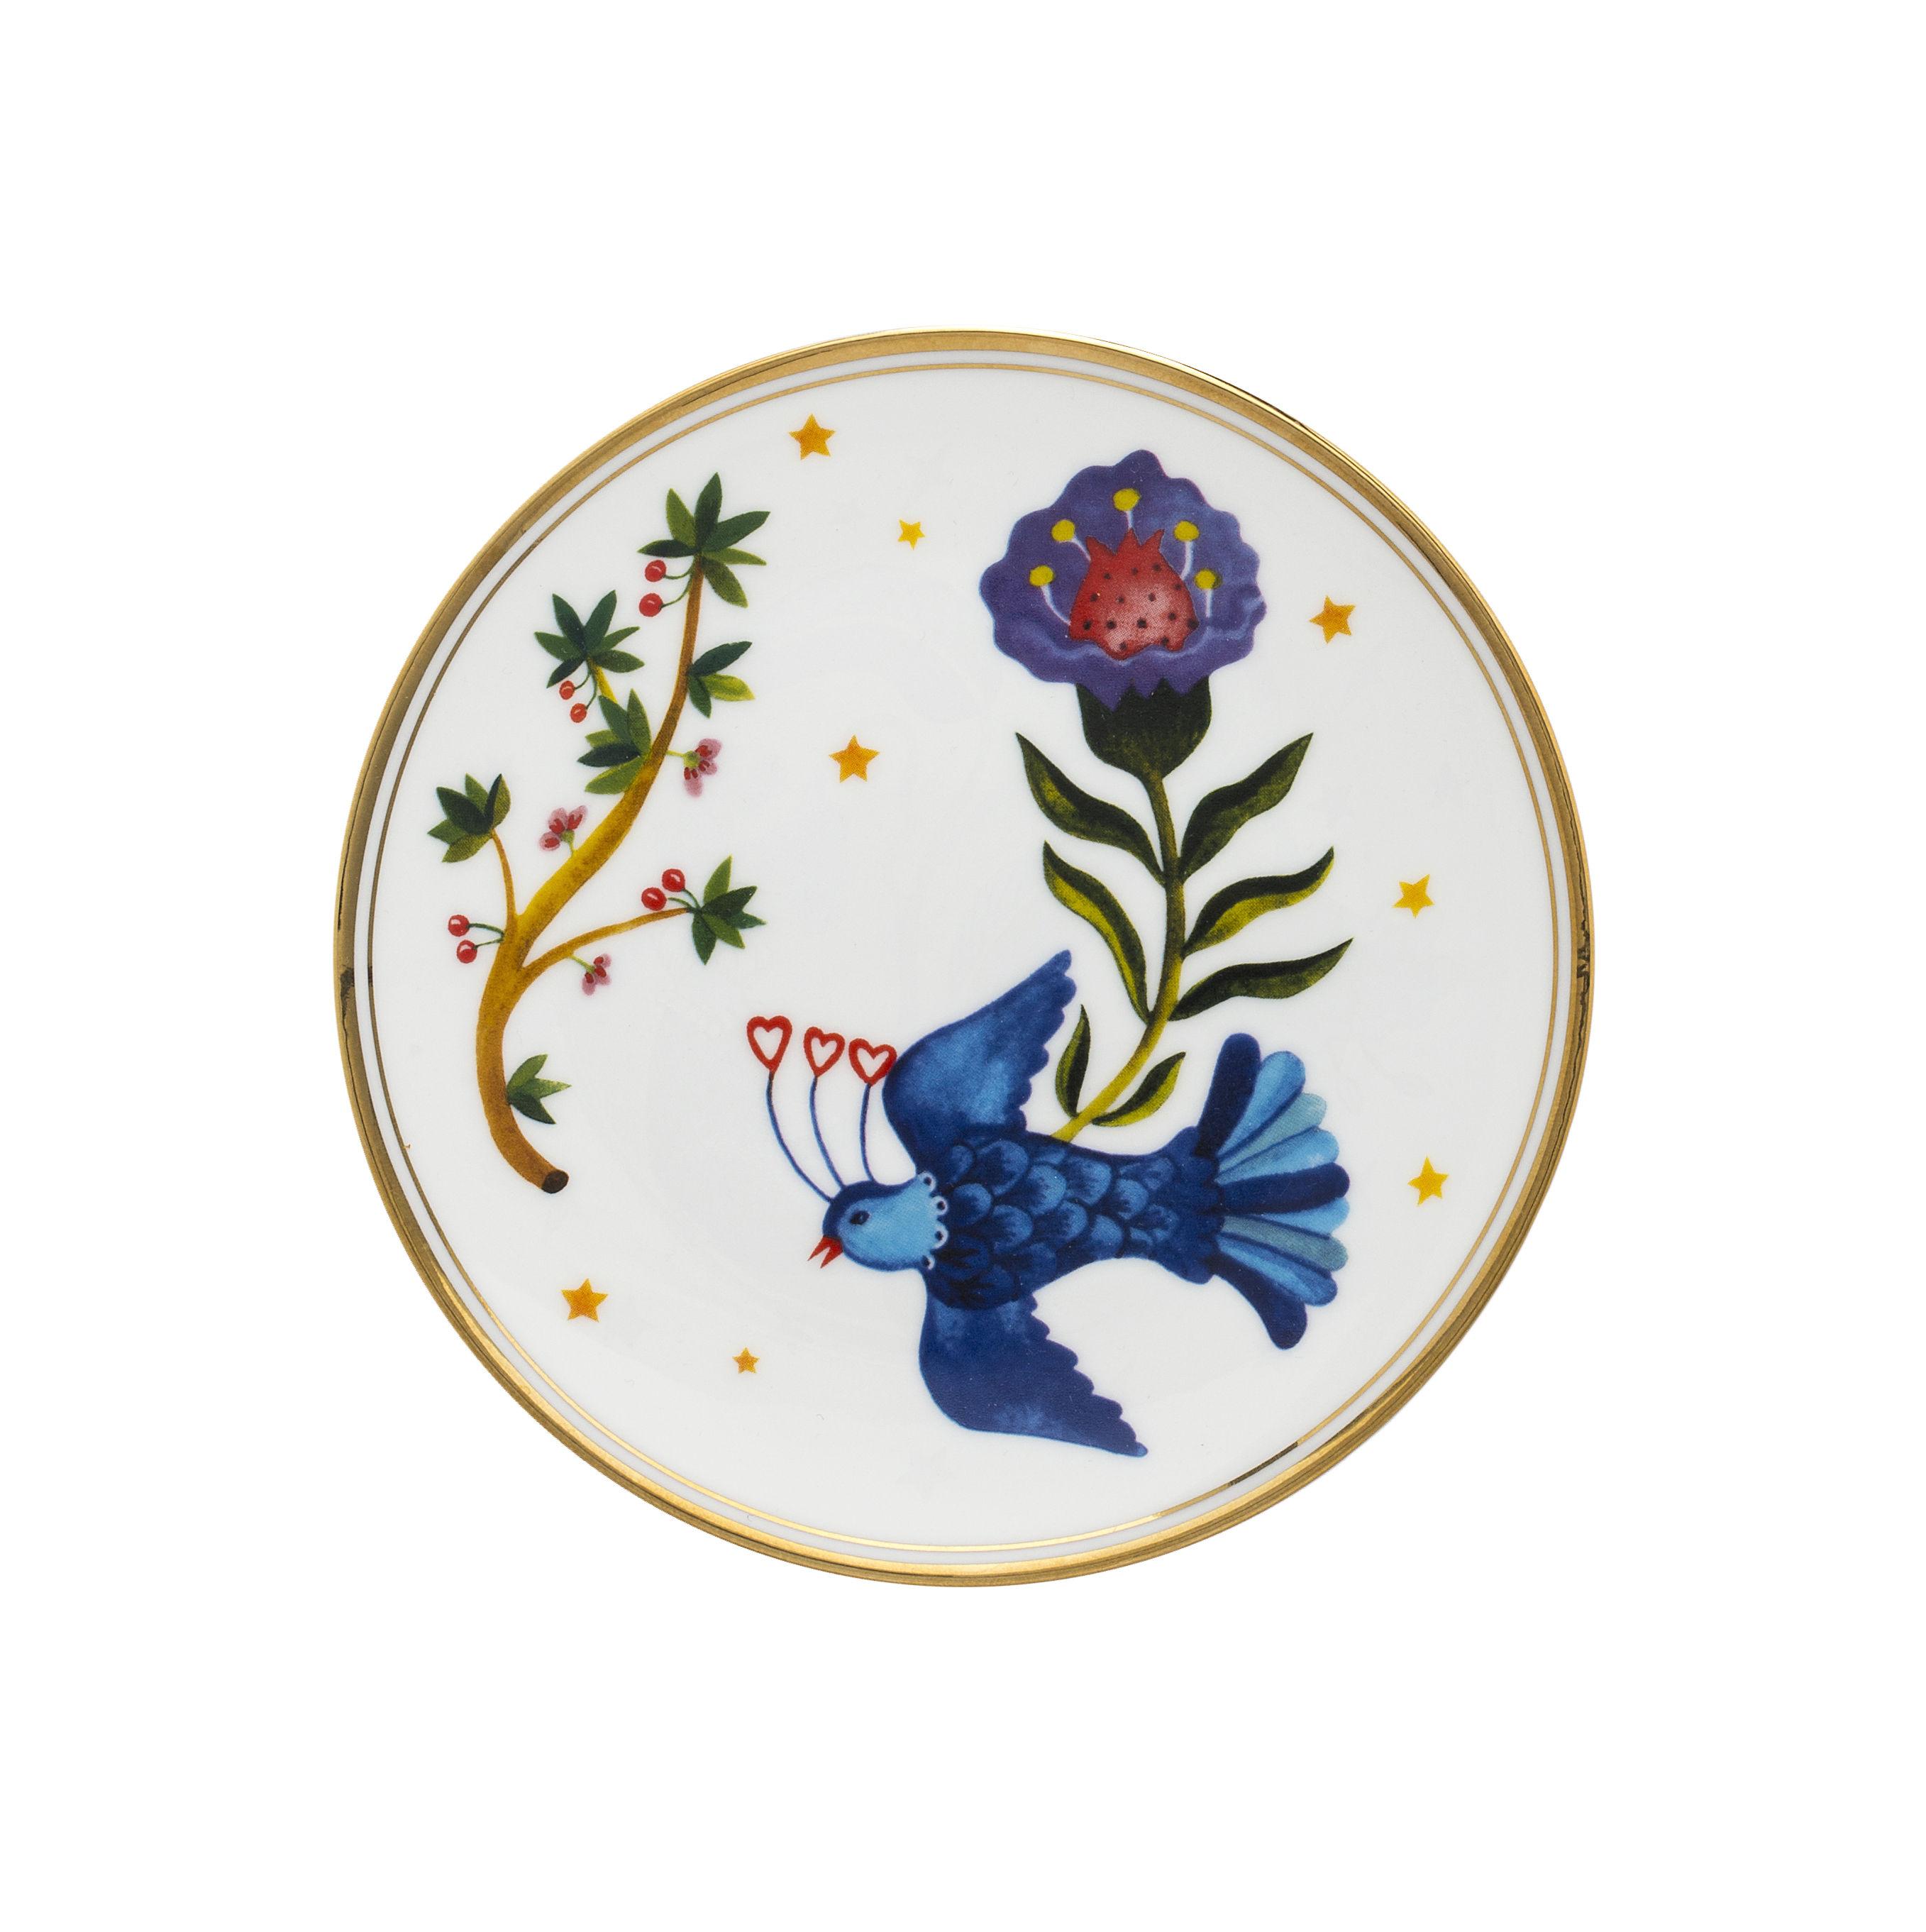 Tavola - Piatti  - Piatto da dessert Uccellino - / Ø 15 cm di Bitossi Home - Uccello - Porcellana